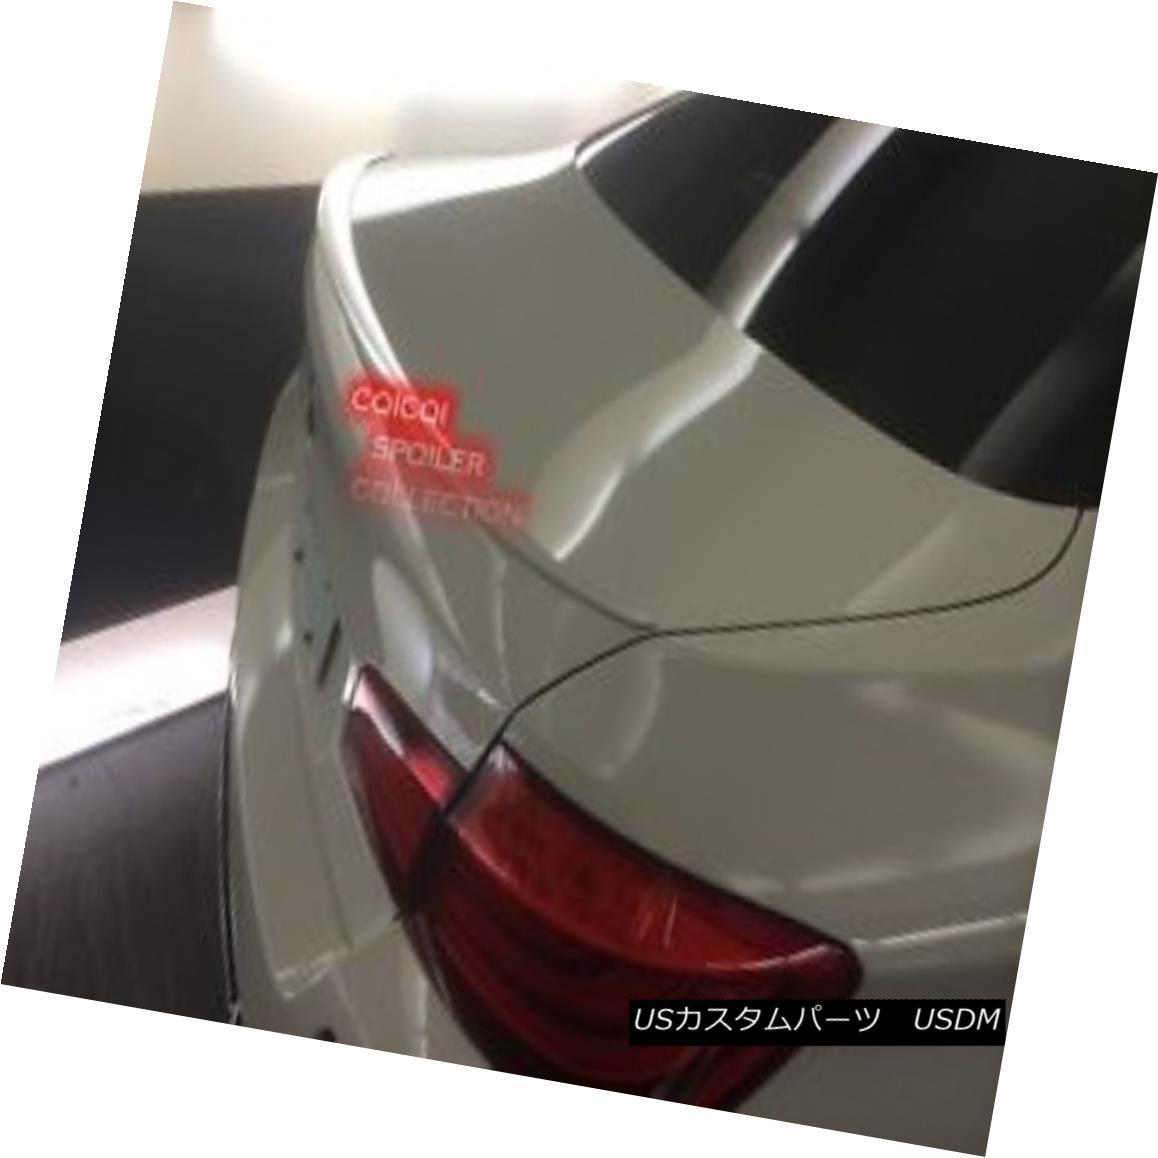 エアロパーツ Painted BMW 11~16 F10 Sedan M5 type trunk spoiler color code:300 alpine white ◎ ペイントされたBMW 11?16 F10セダンM5タイプのトランク・スポイラーカラーコード:300のアルパイン・ホワイト?